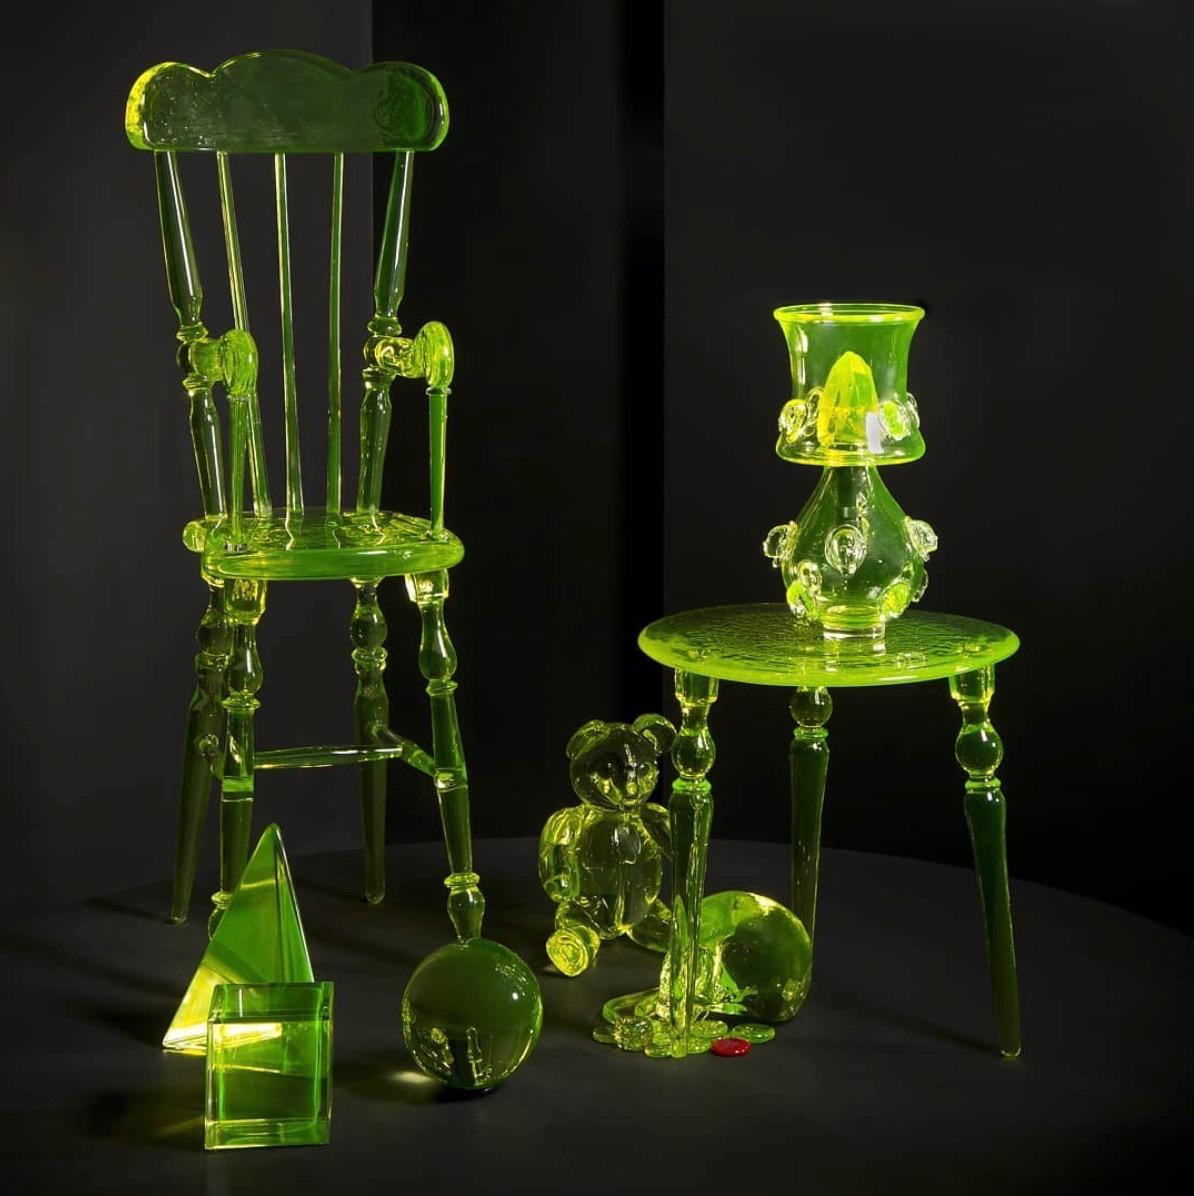 Glass artwork Elliot Walker